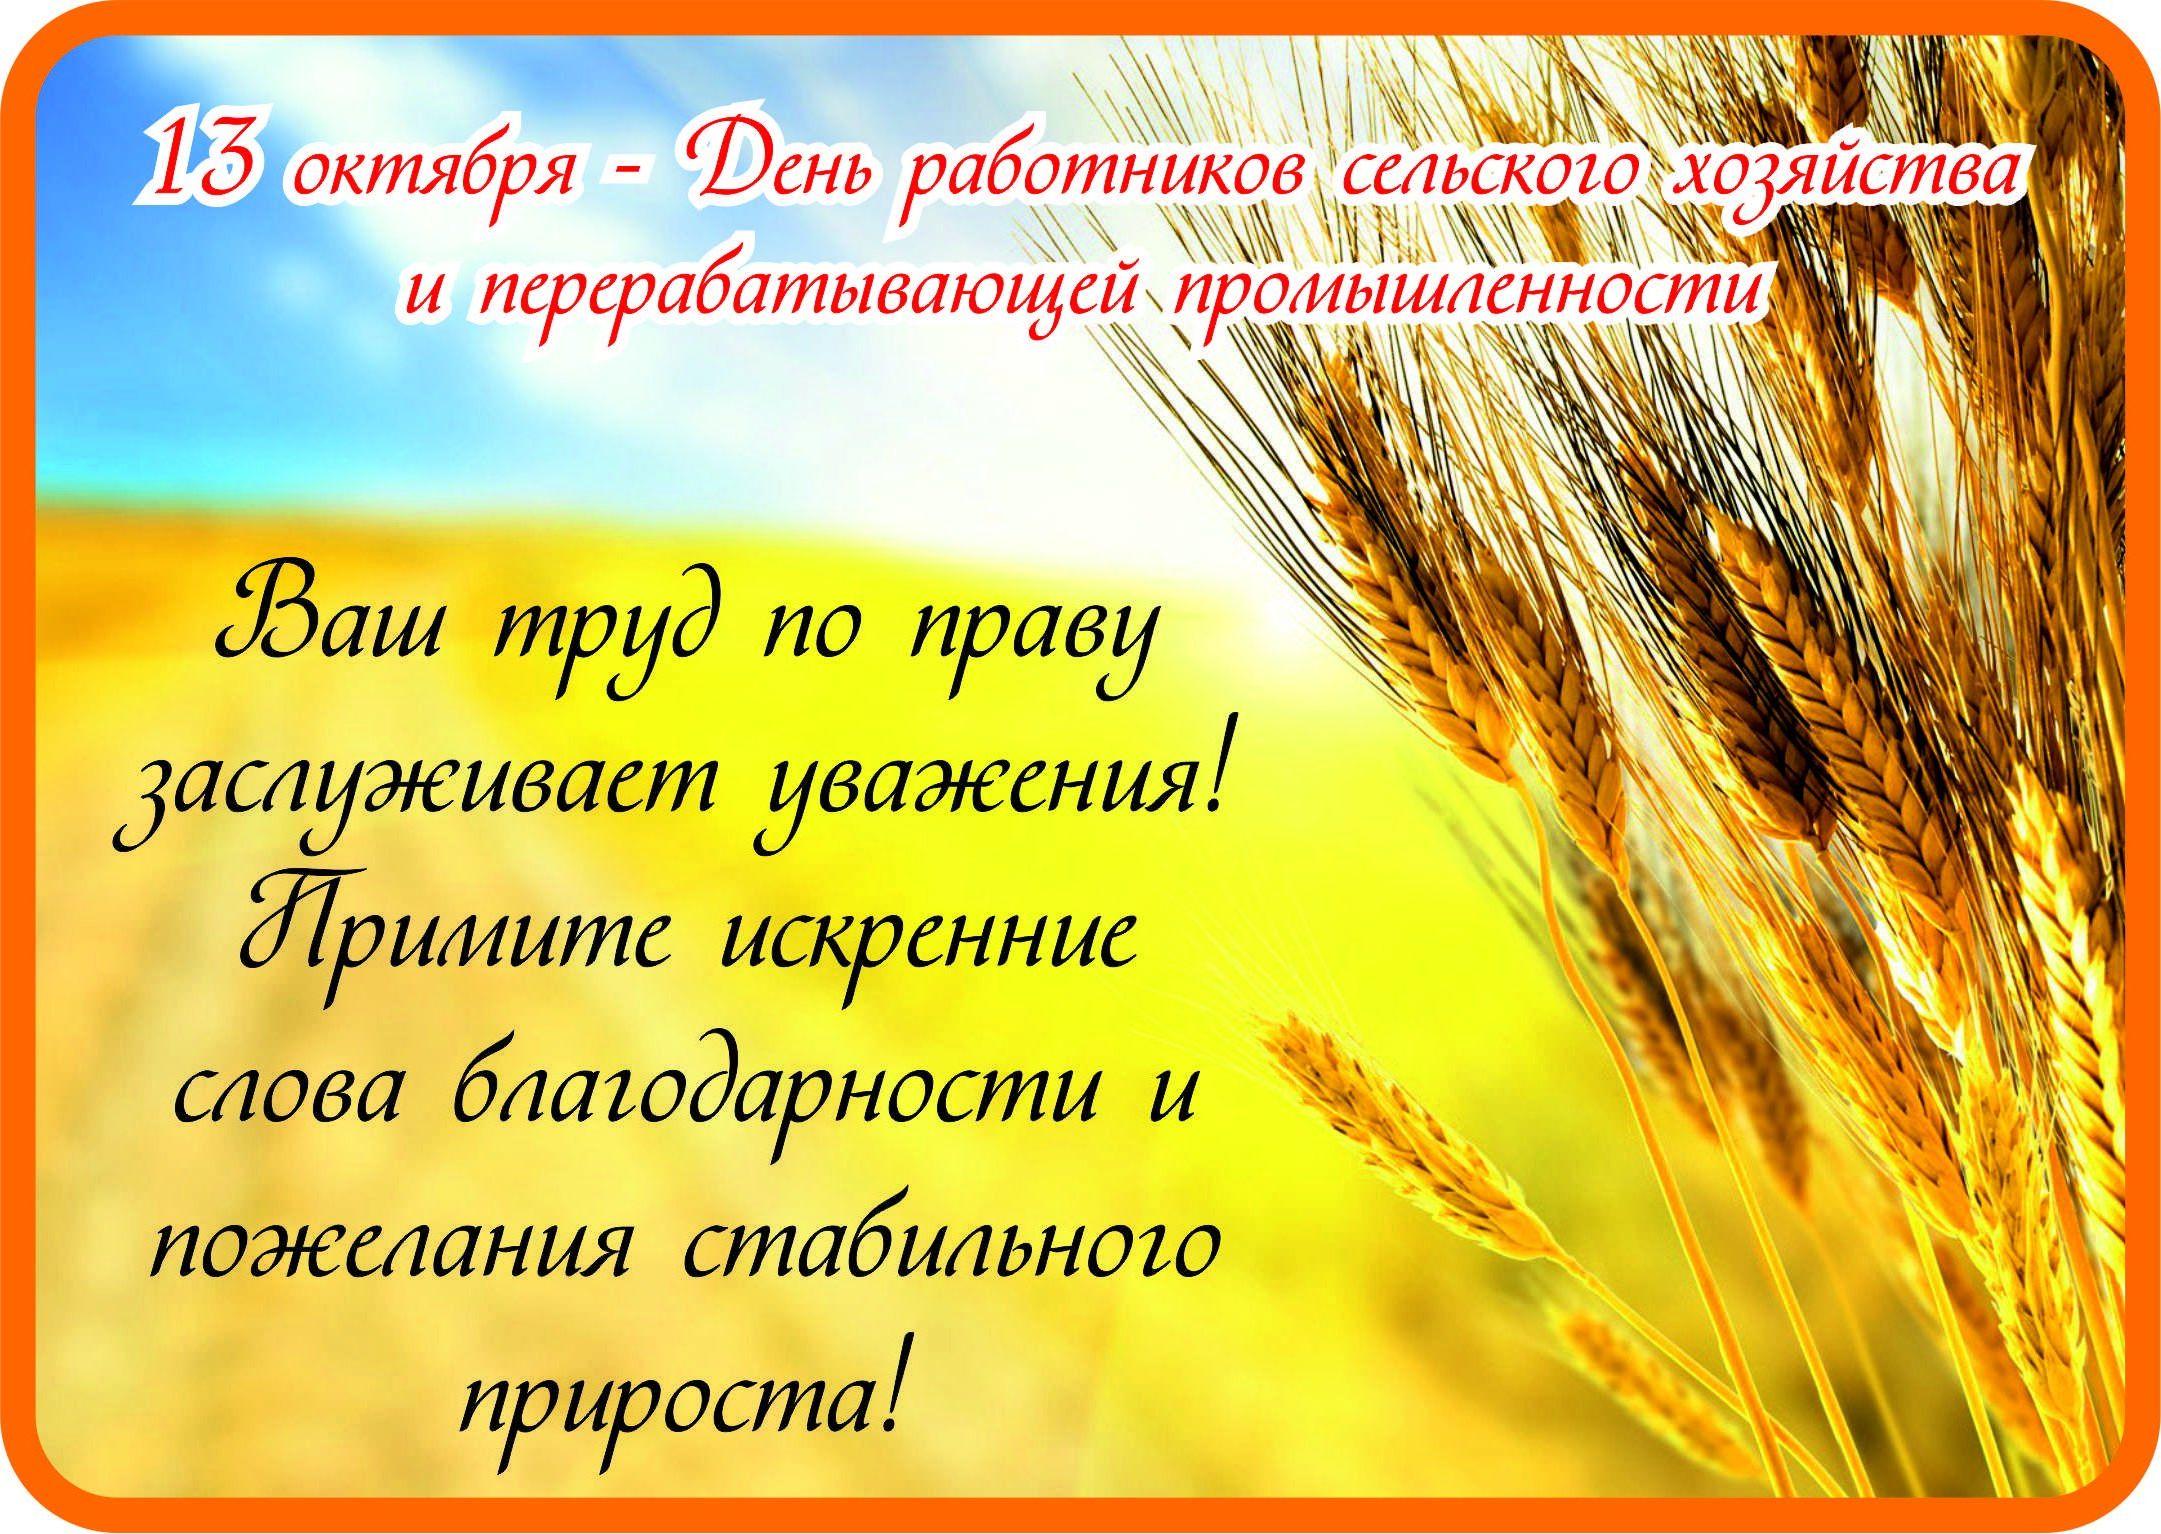 С праздником сельского хозяйства поздравление с6